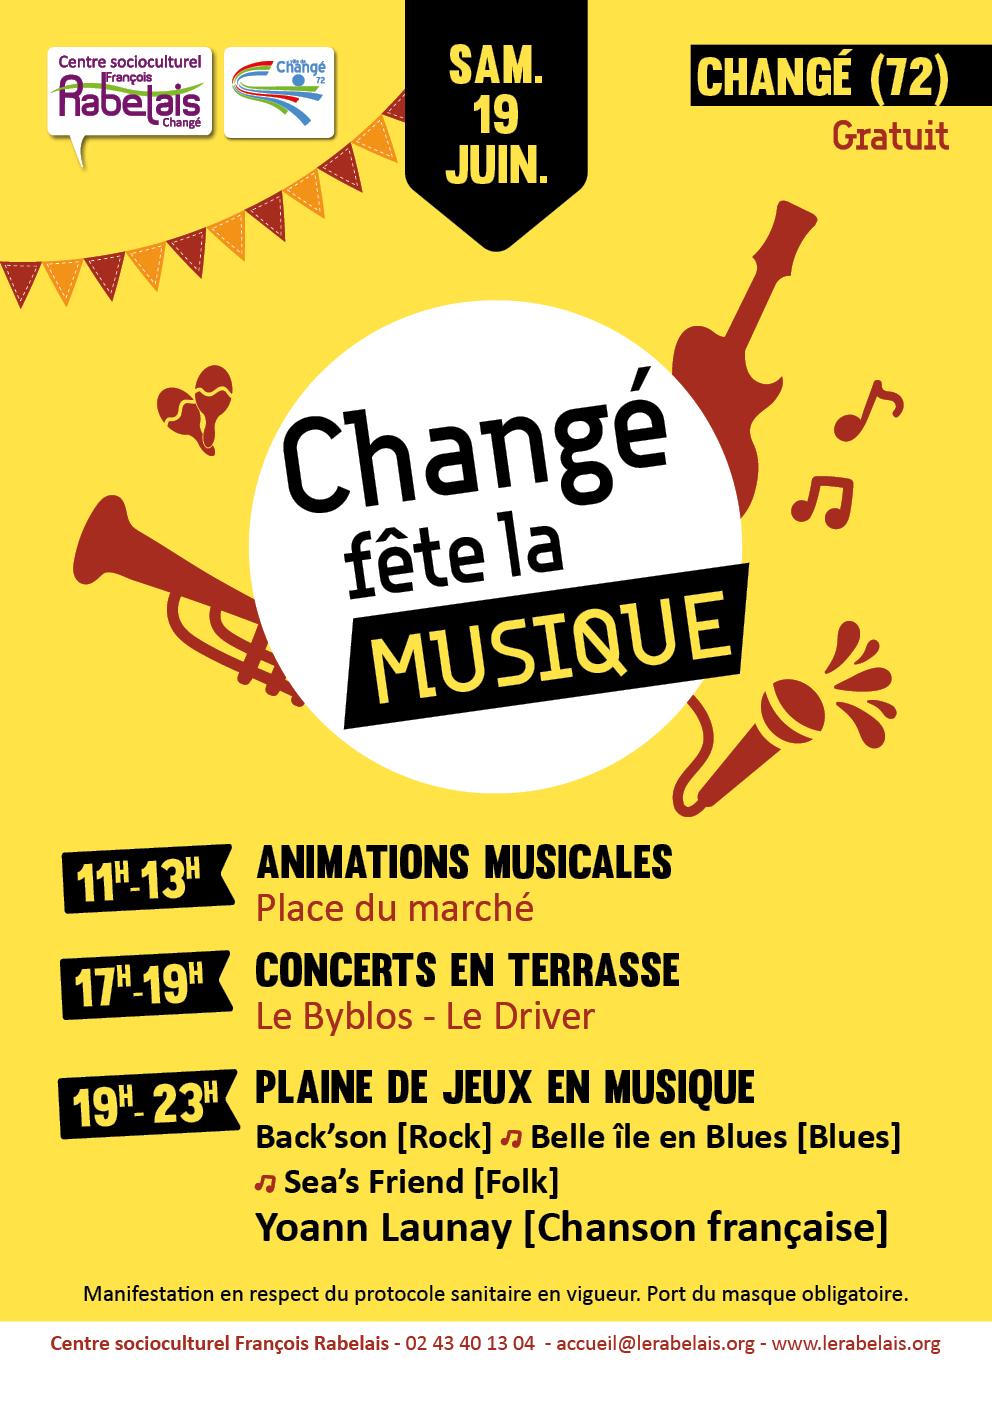 Fête de la musique 2021 Changé Sarthe